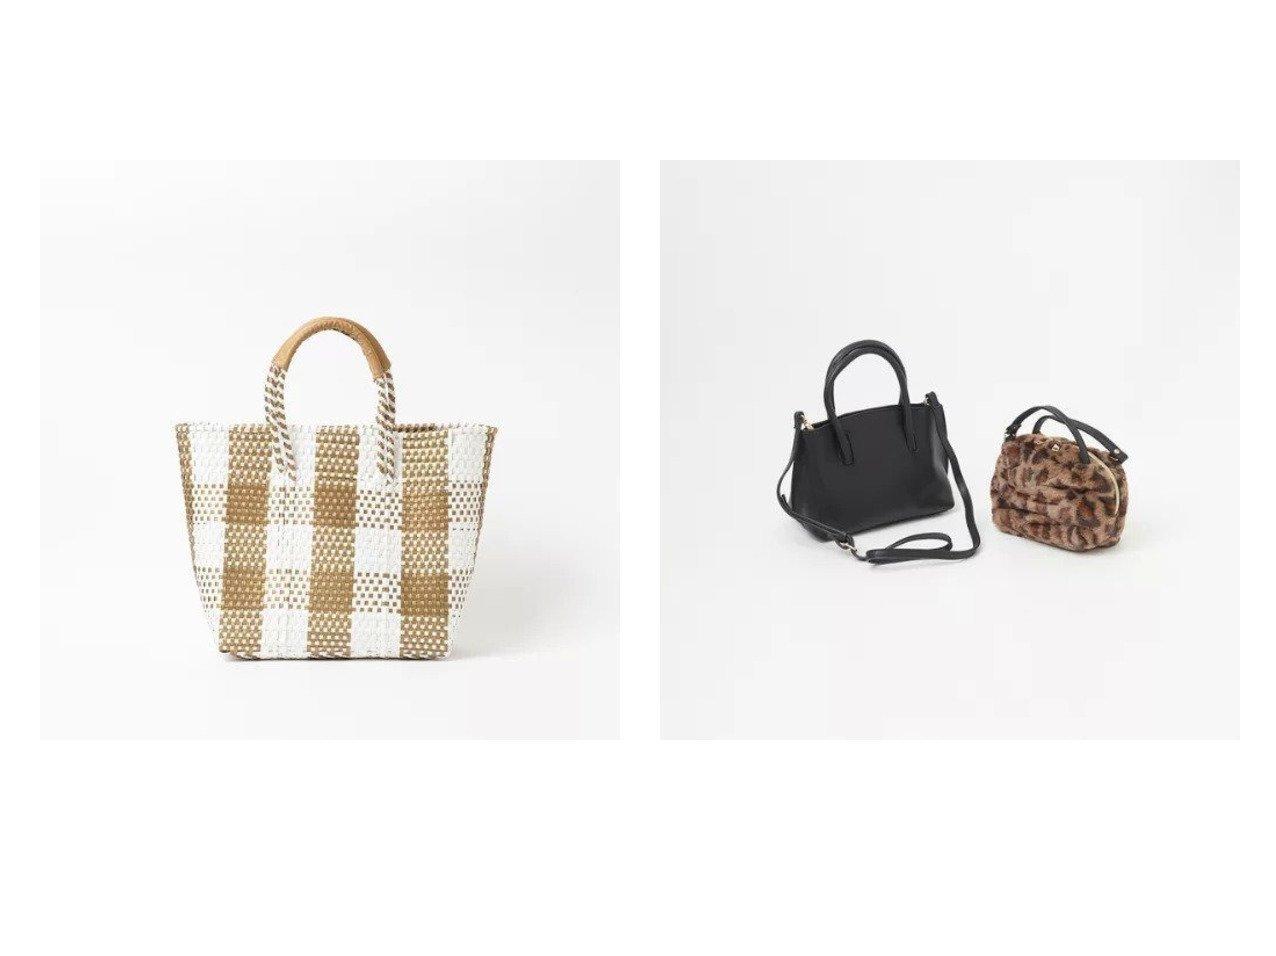 【Rouge vif/ルージュ ヴィフ】の4wayレザー ファートート&【 サンラミ】メルカドバッグ バッグ・鞄のおすすめ!人気、トレンド・レディースファッションの通販 おすすめで人気の流行・トレンド、ファッションの通販商品 メンズファッション・キッズファッション・インテリア・家具・レディースファッション・服の通販 founy(ファニー) https://founy.com/ ファッション Fashion レディースファッション WOMEN バッグ Bag チェック シンプル ハンドバッグ ポーチ ラップ レオパード 財布 |ID:crp329100000013712